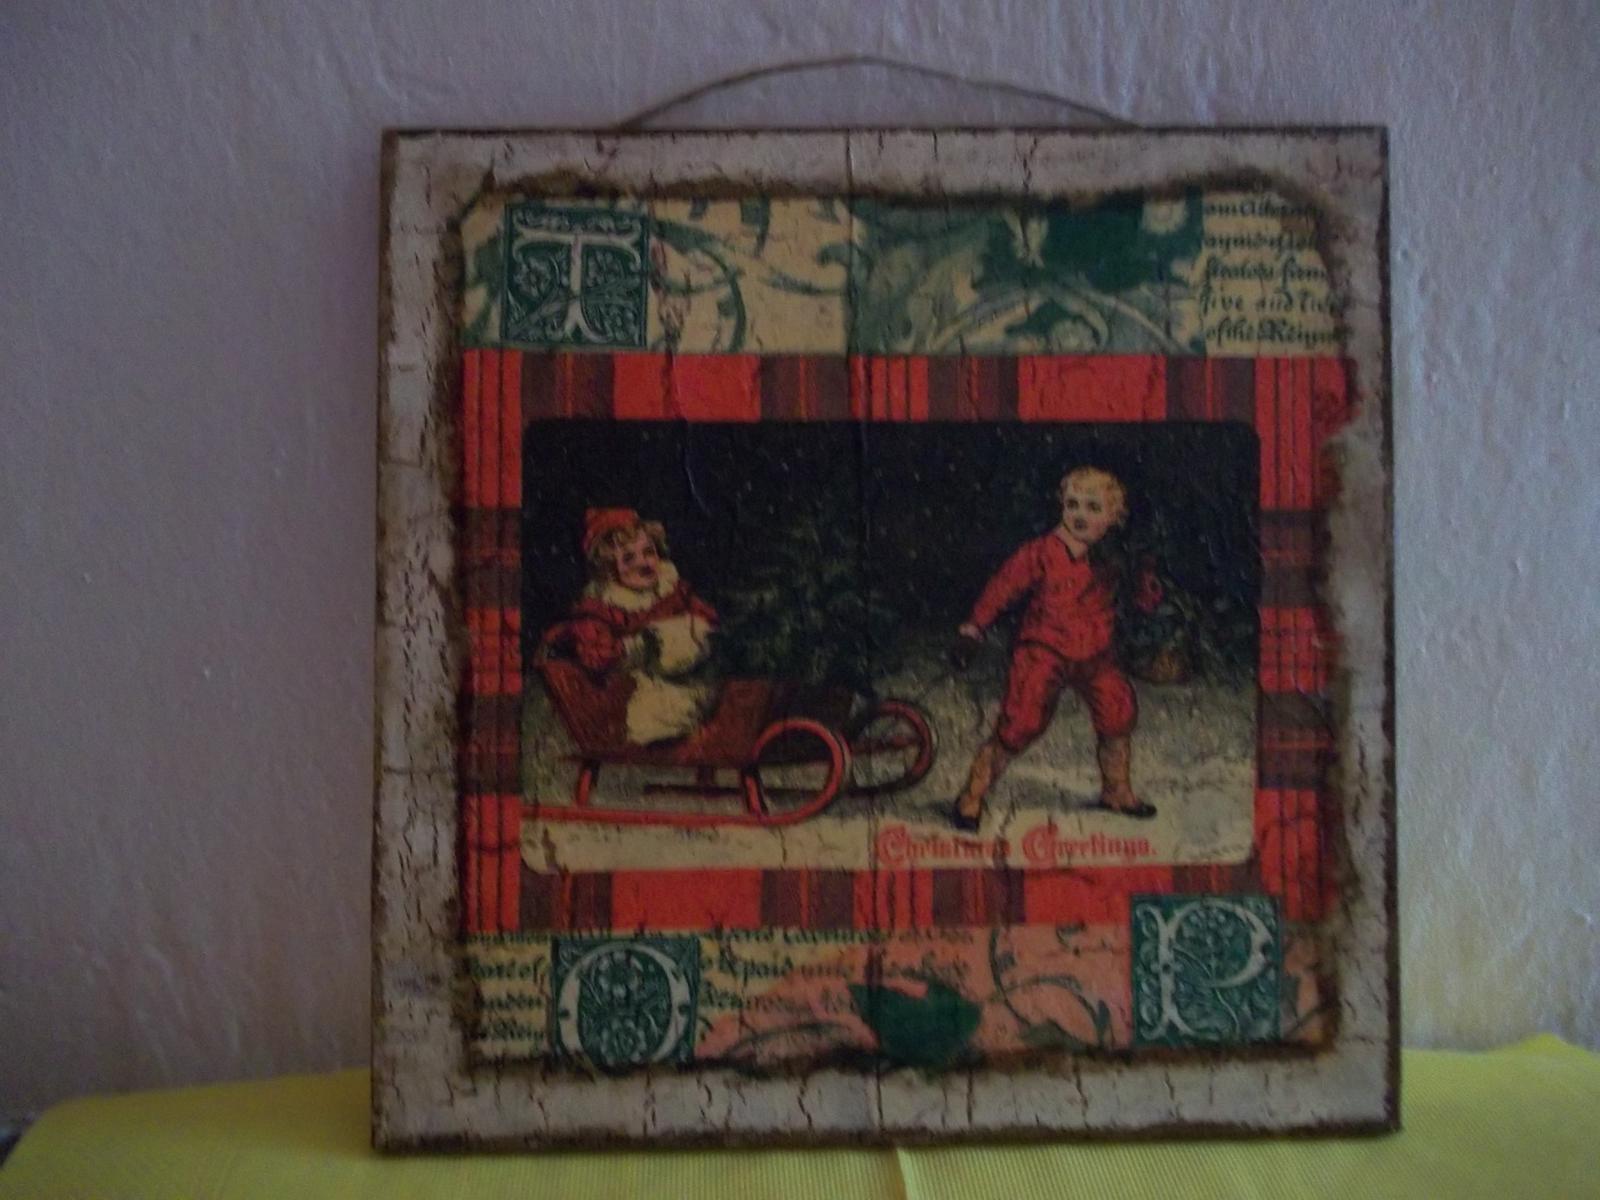 Obrázok v starožitnom vzhľade - Obrázok č. 1